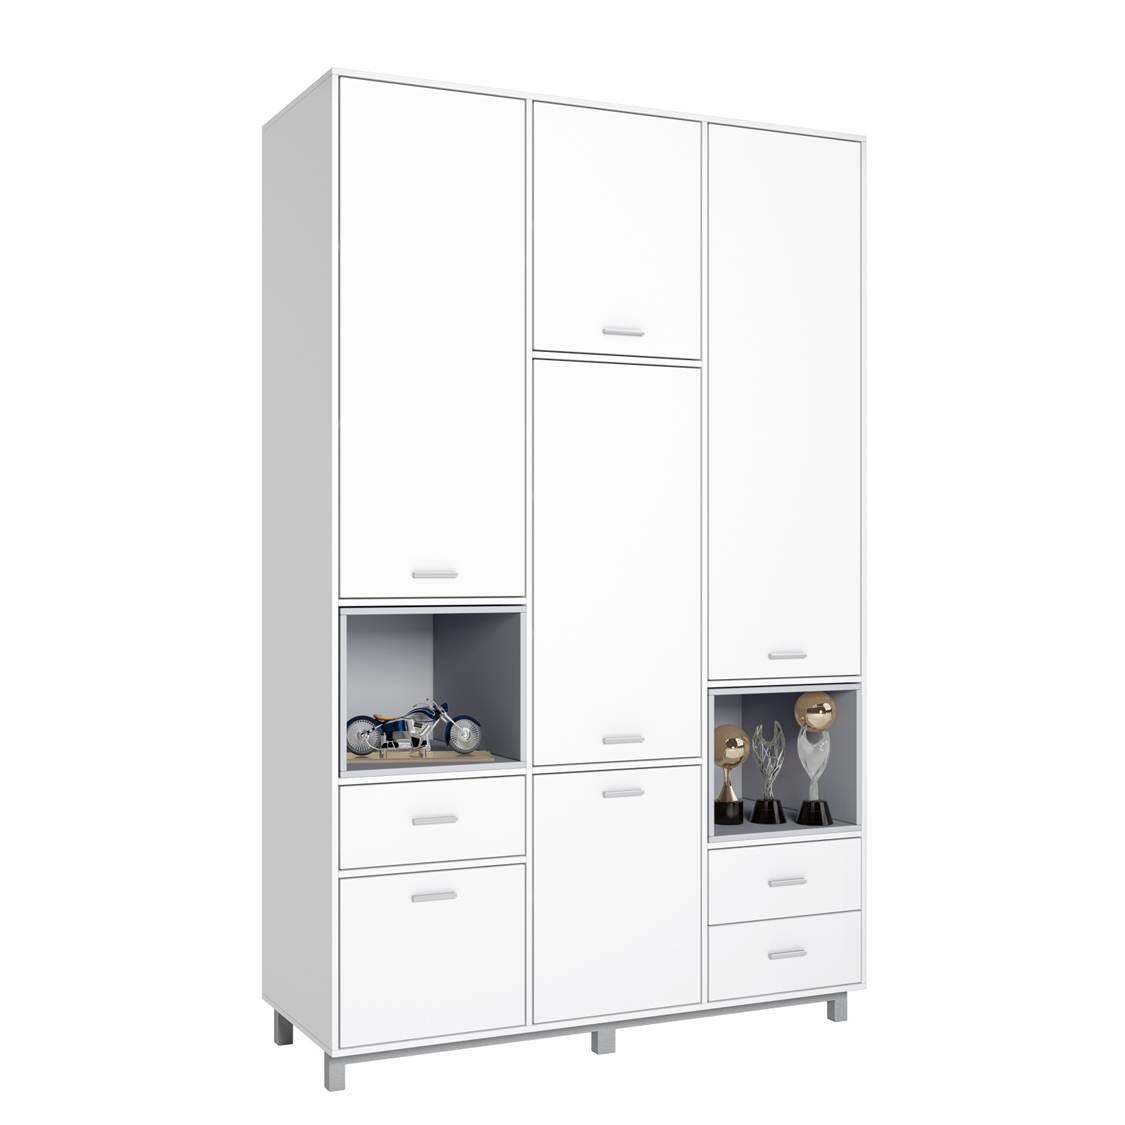 Купить Детский шкаф трехсекционный Polini kids Mirum 2335, белый/серый, Шкафы в детскую комнату